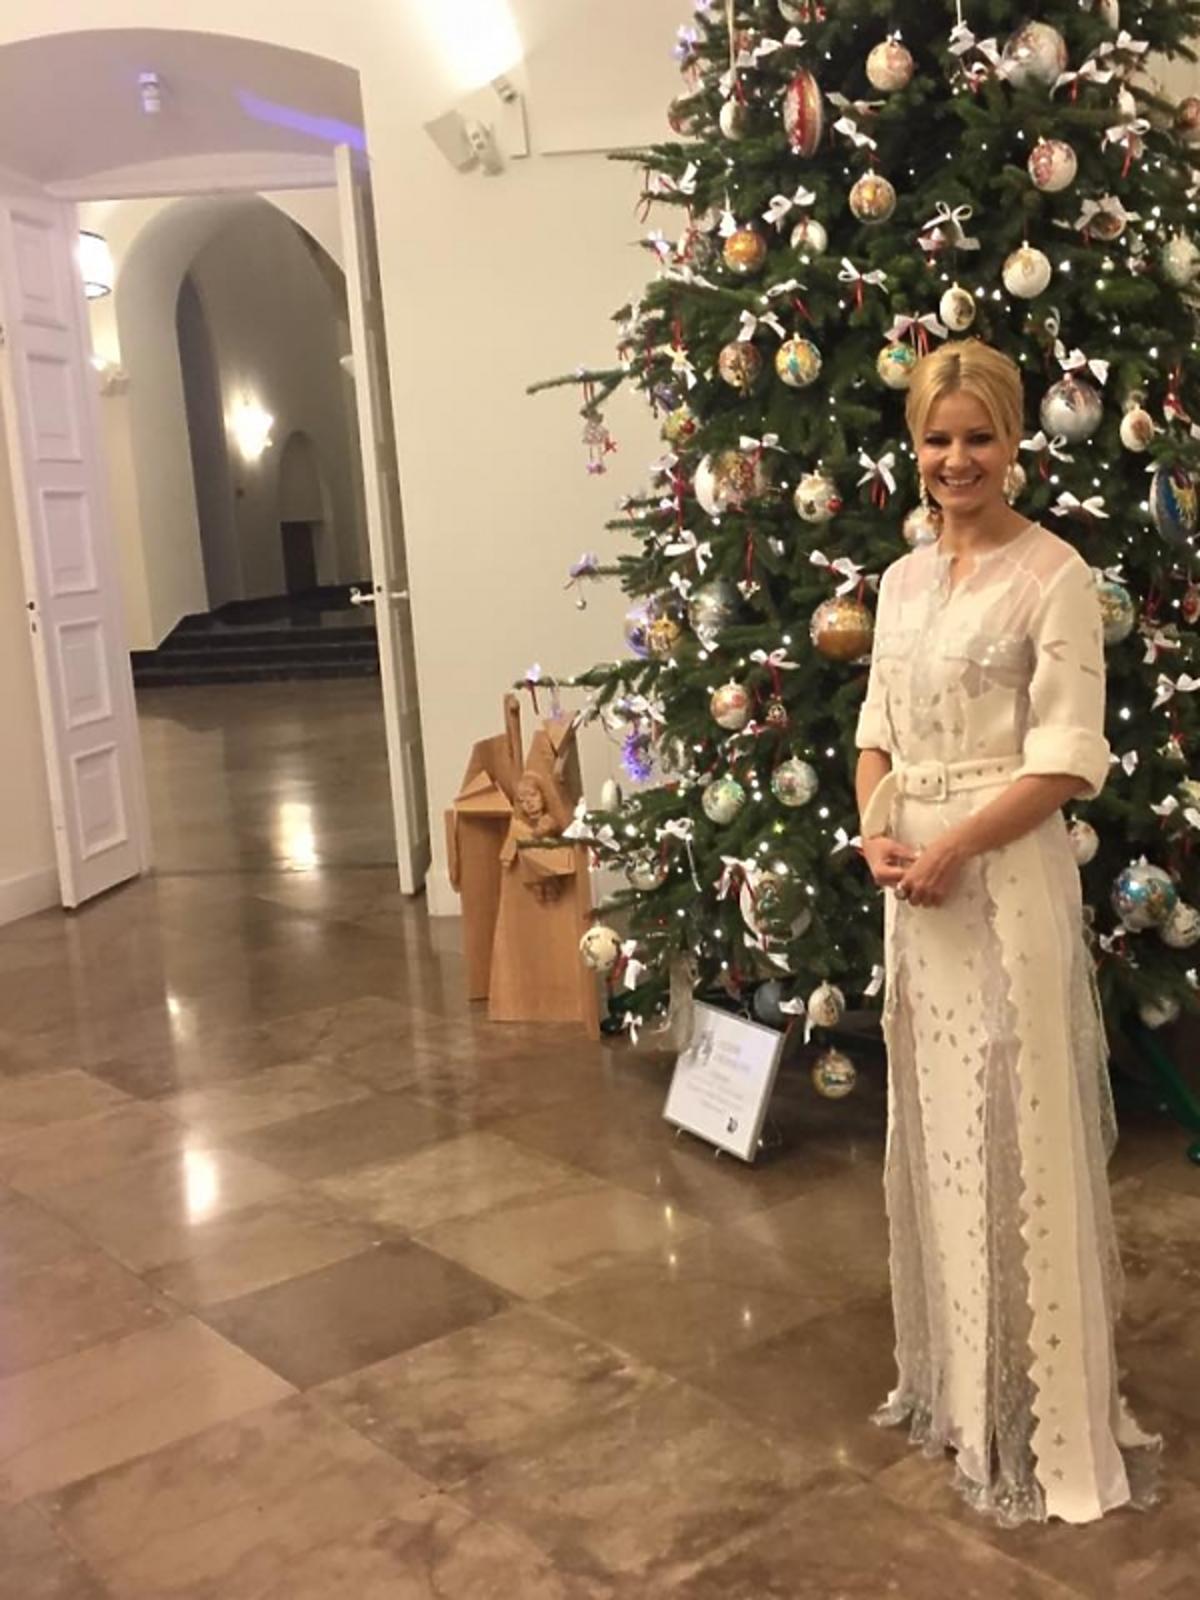 Małgorzata Kożuchowska w białej sukni